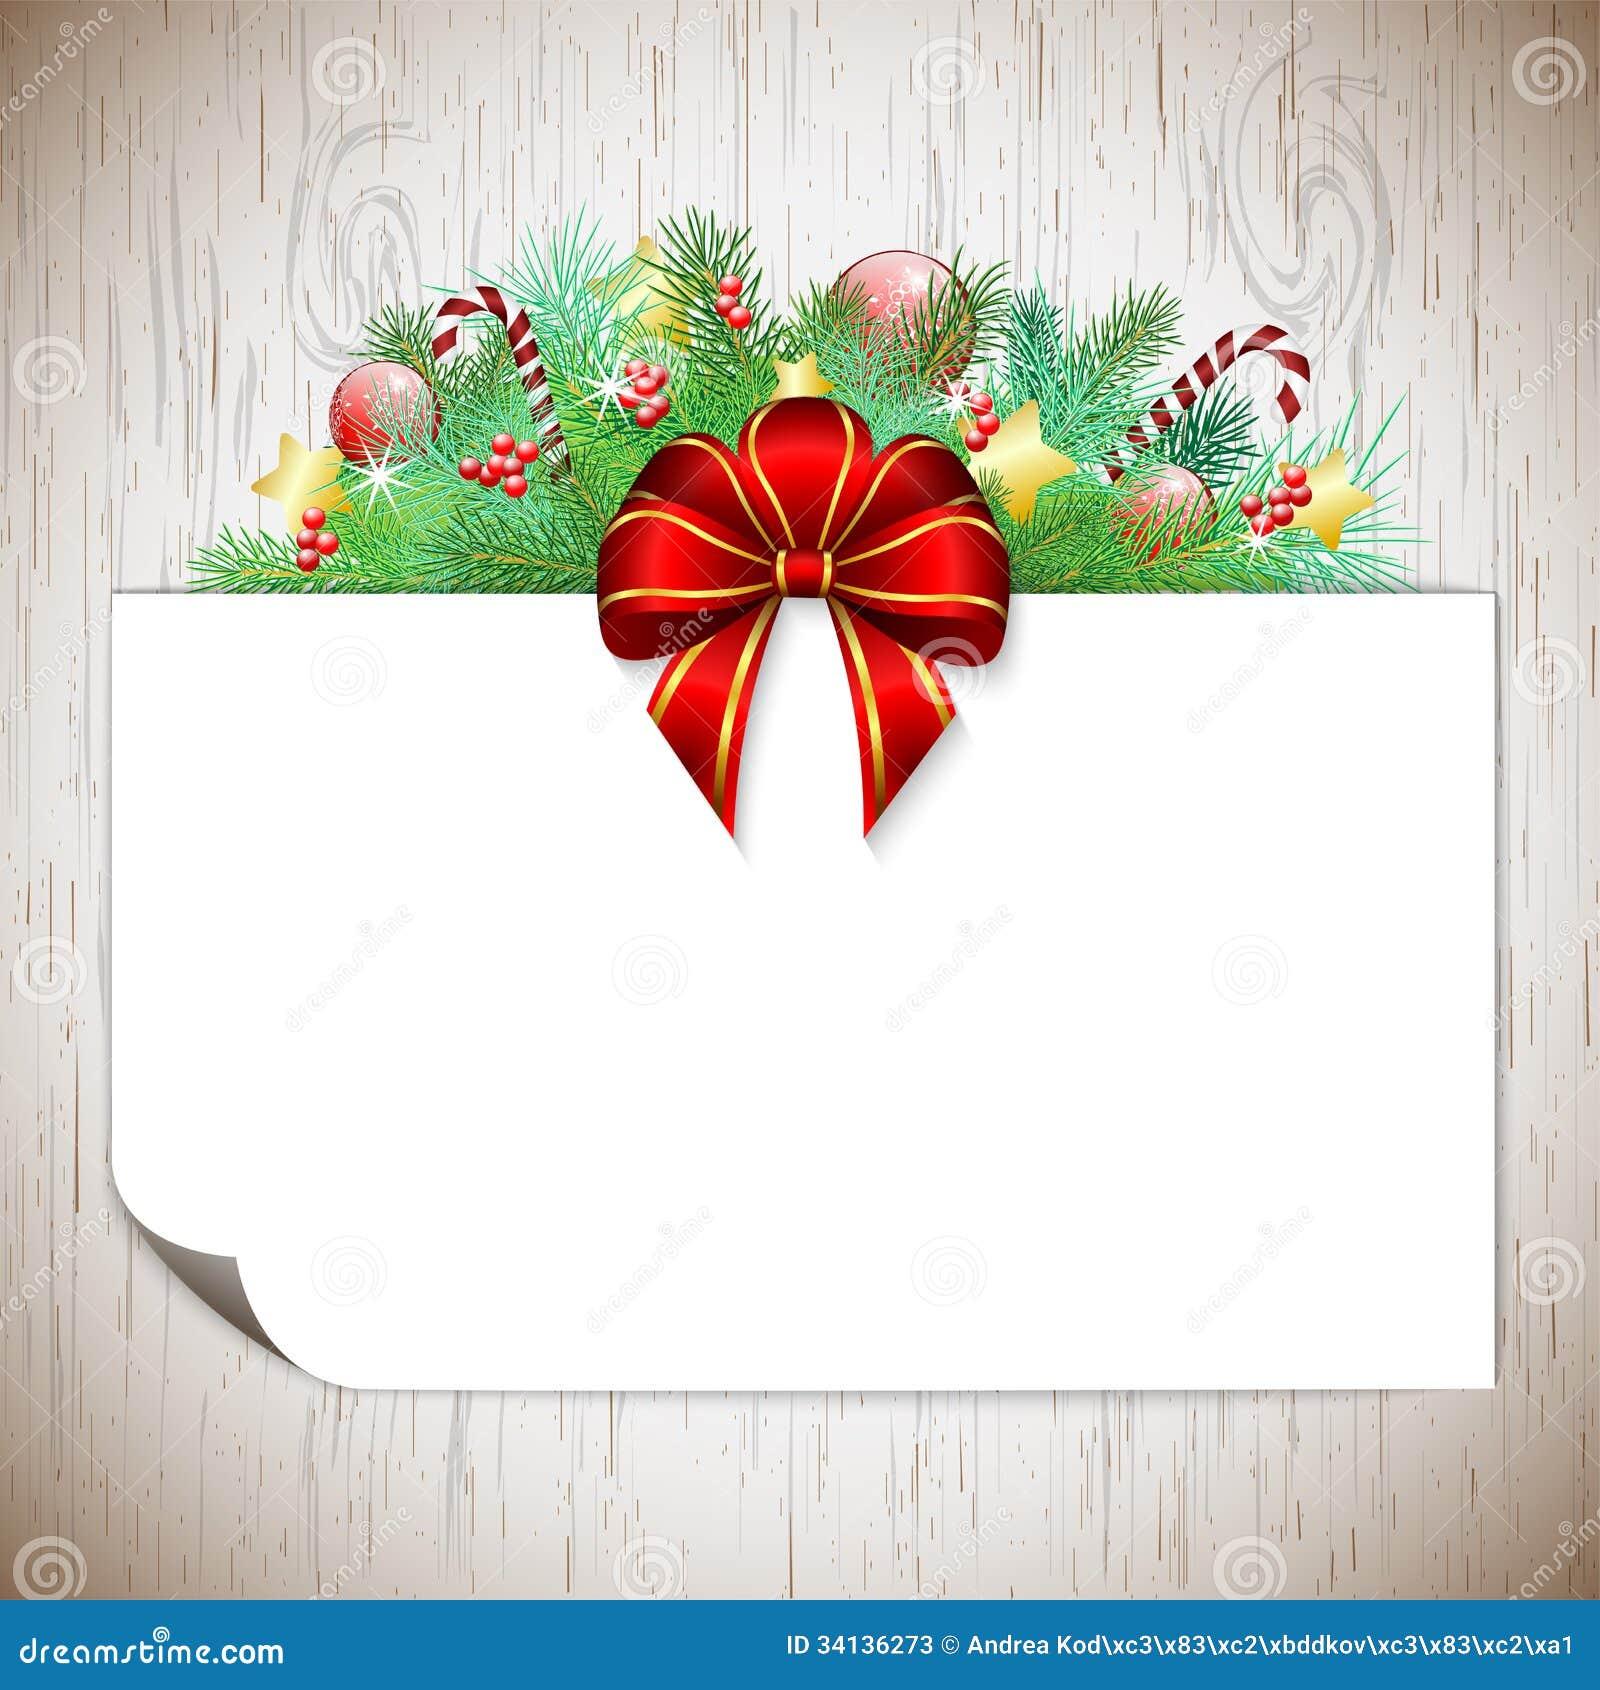 #BD100E Fond De Noël Avec Les Branches Et Le Ruban Photos Stock  5335 décorations de noel avec ruban 1300x1390 px @ aertt.com